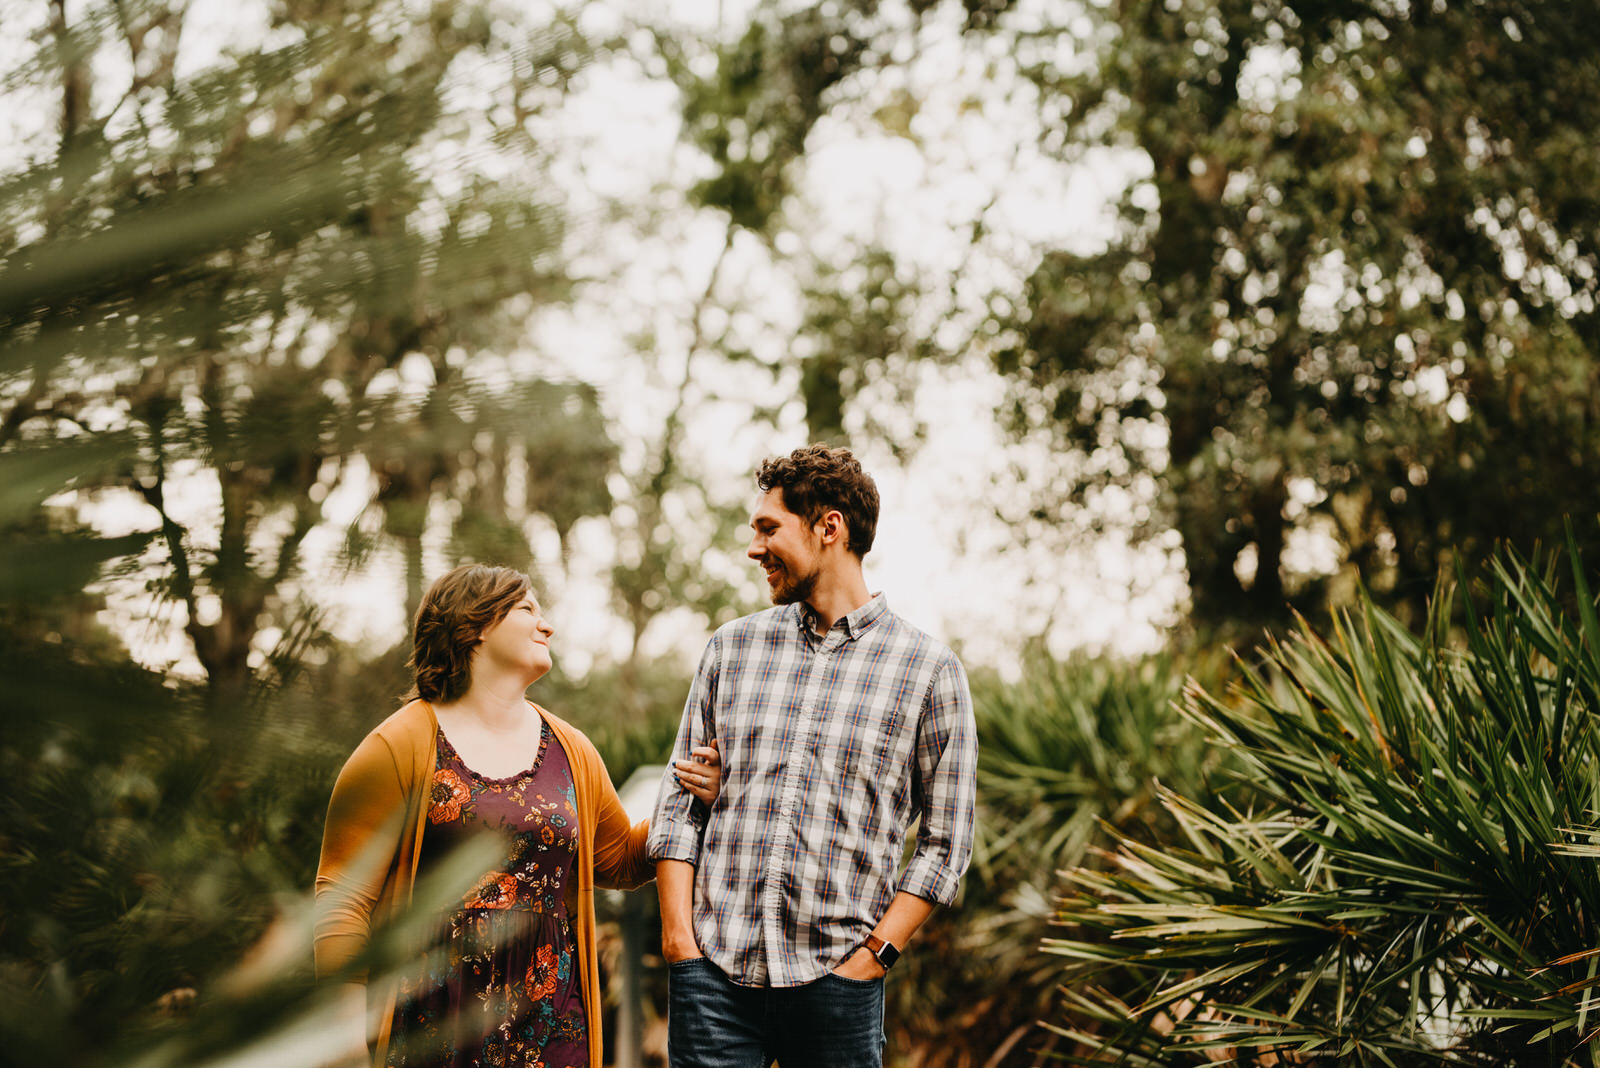 Amanda&Dylan'sEngagement16.jpg